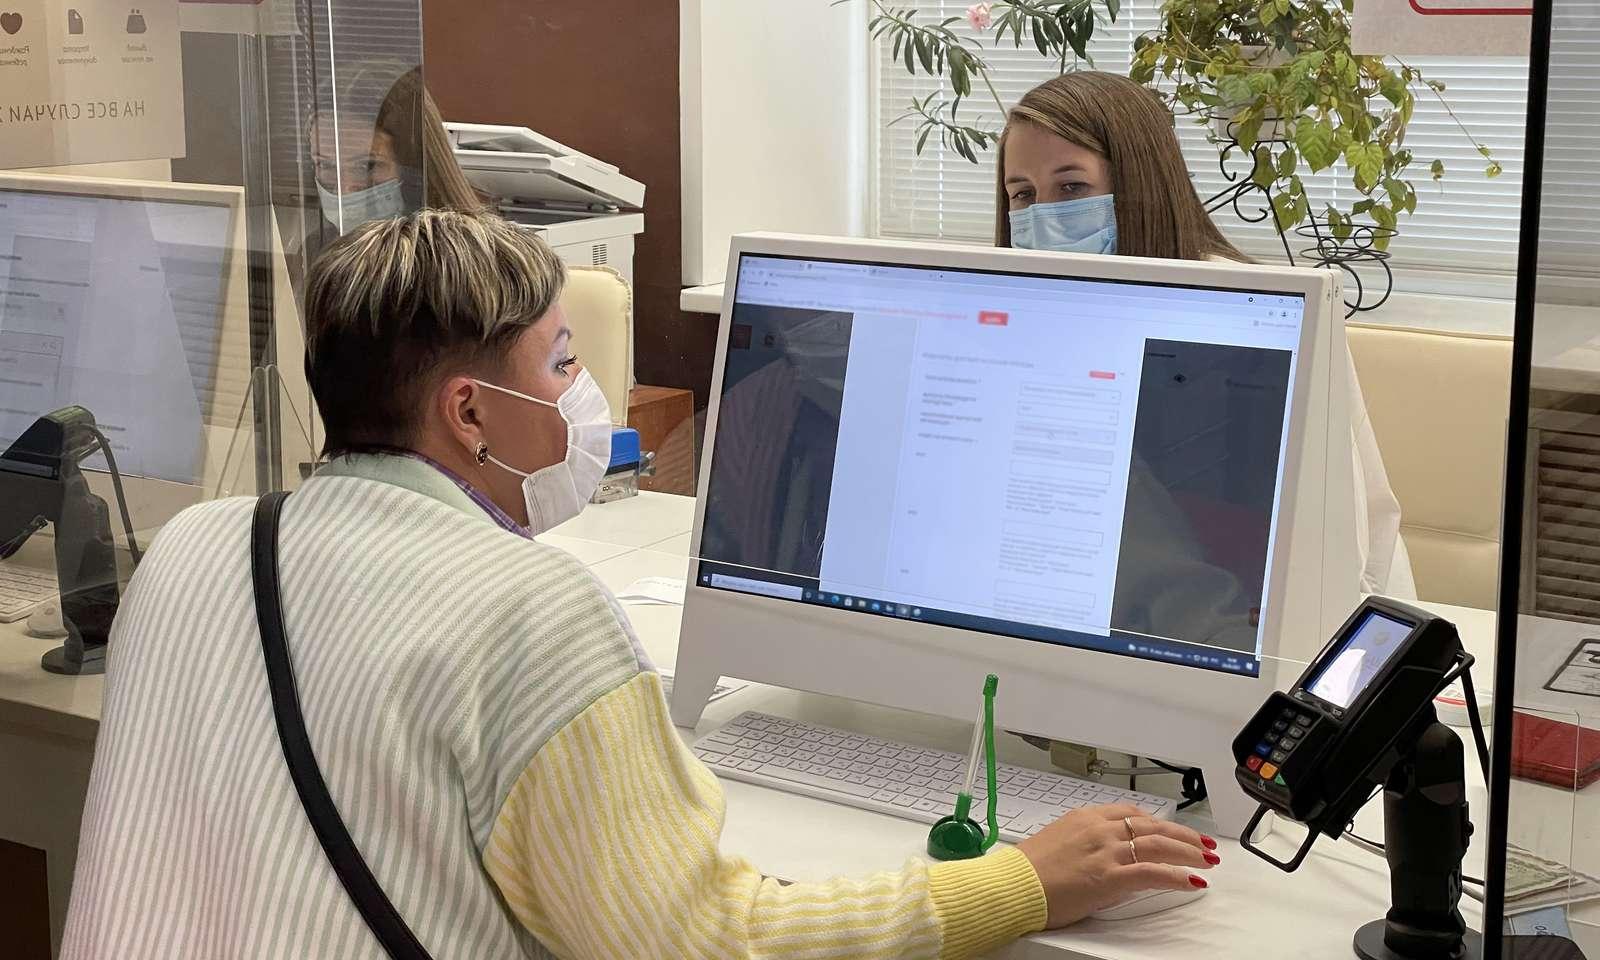 Уникальные мониторы для одновременной работы клиентов и сотрудников появились в МФЦ Сергиева Посада | Изображение 1